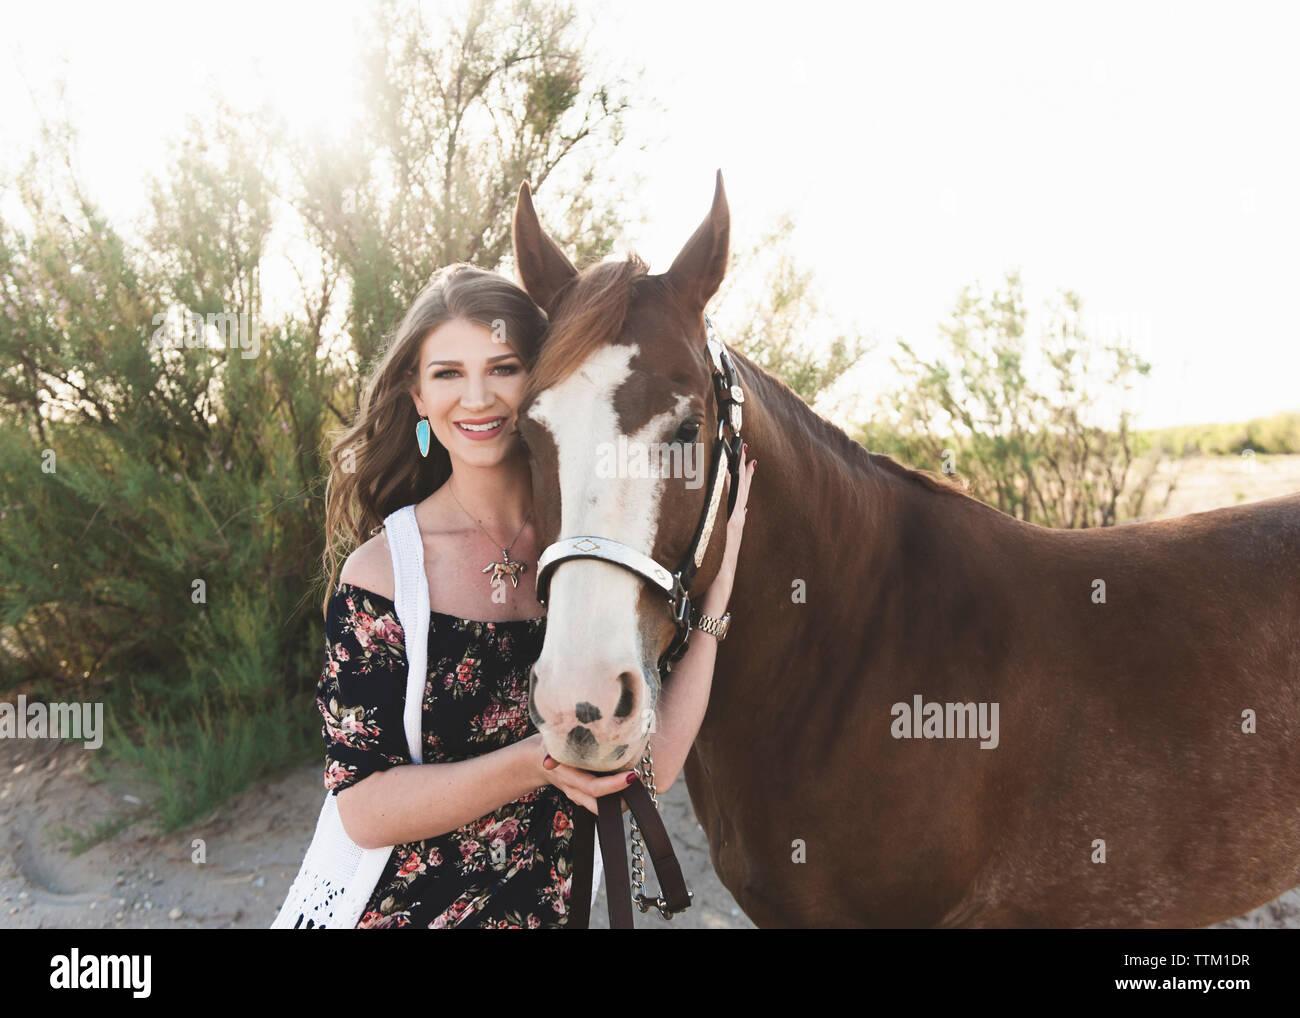 Retrato de una mujer sonriente con un caballo parado sobre el campo contra el cielo despejado Foto de stock